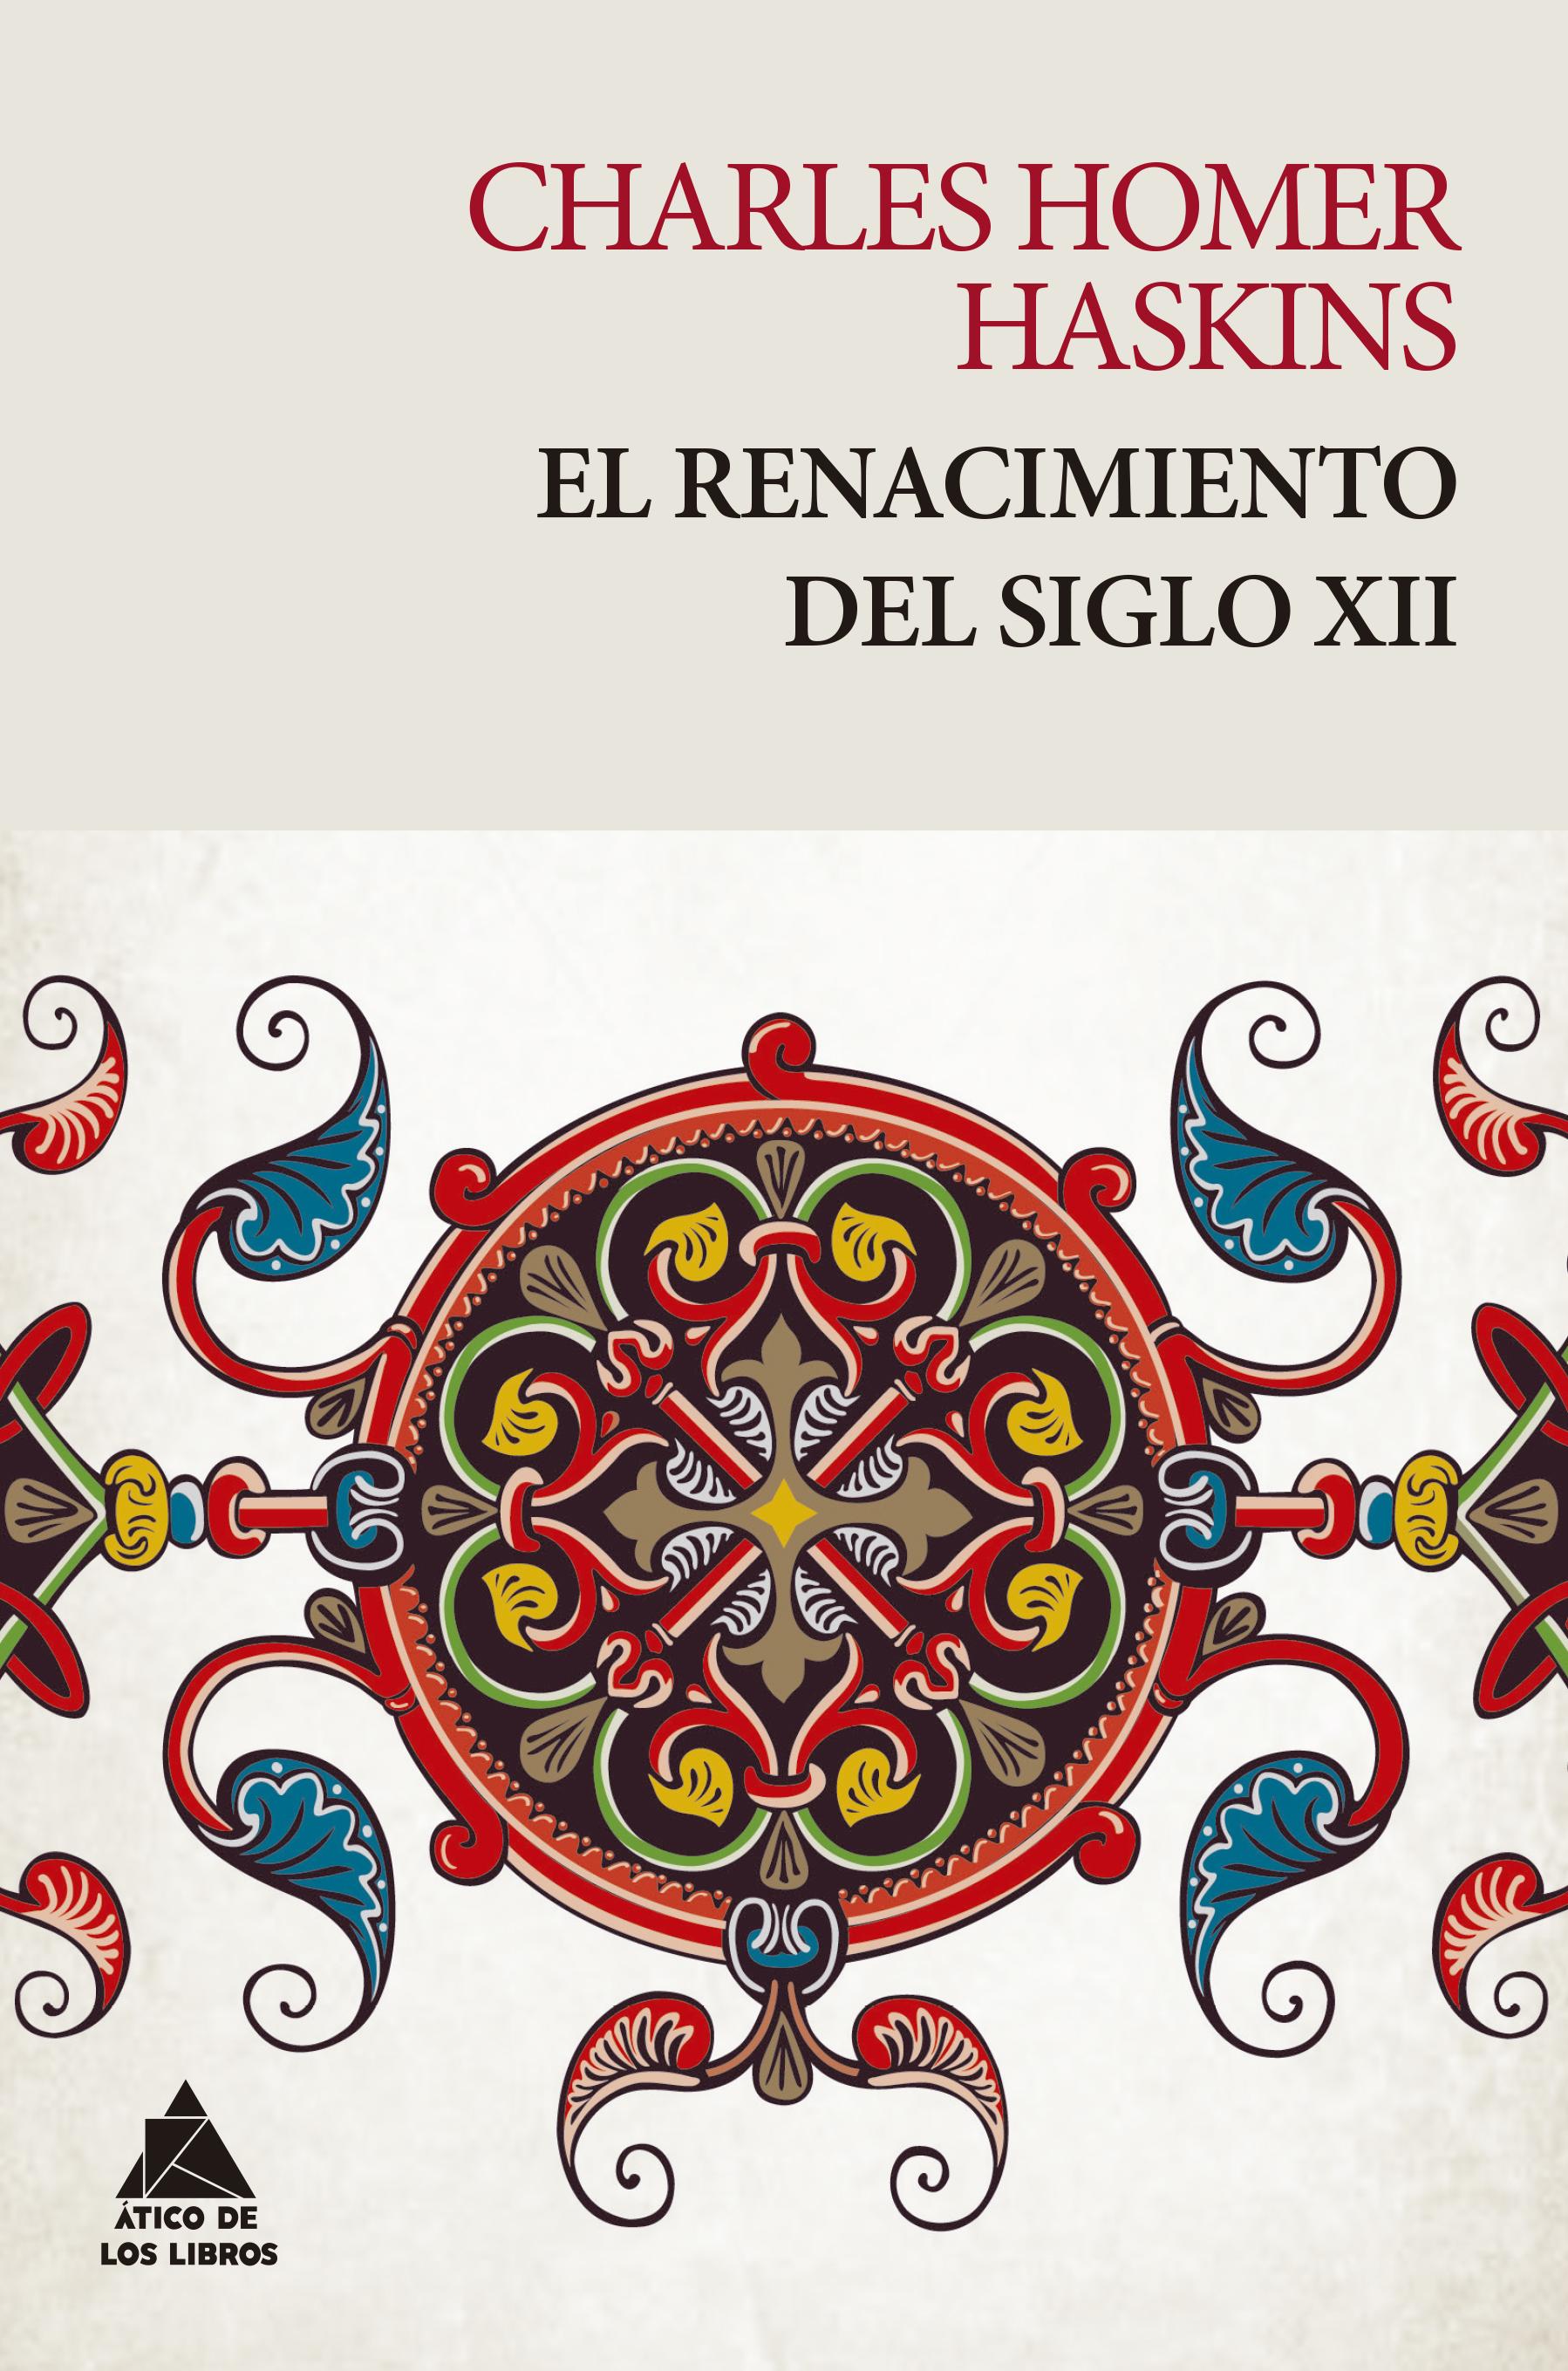 El renacimiento del siglo XII